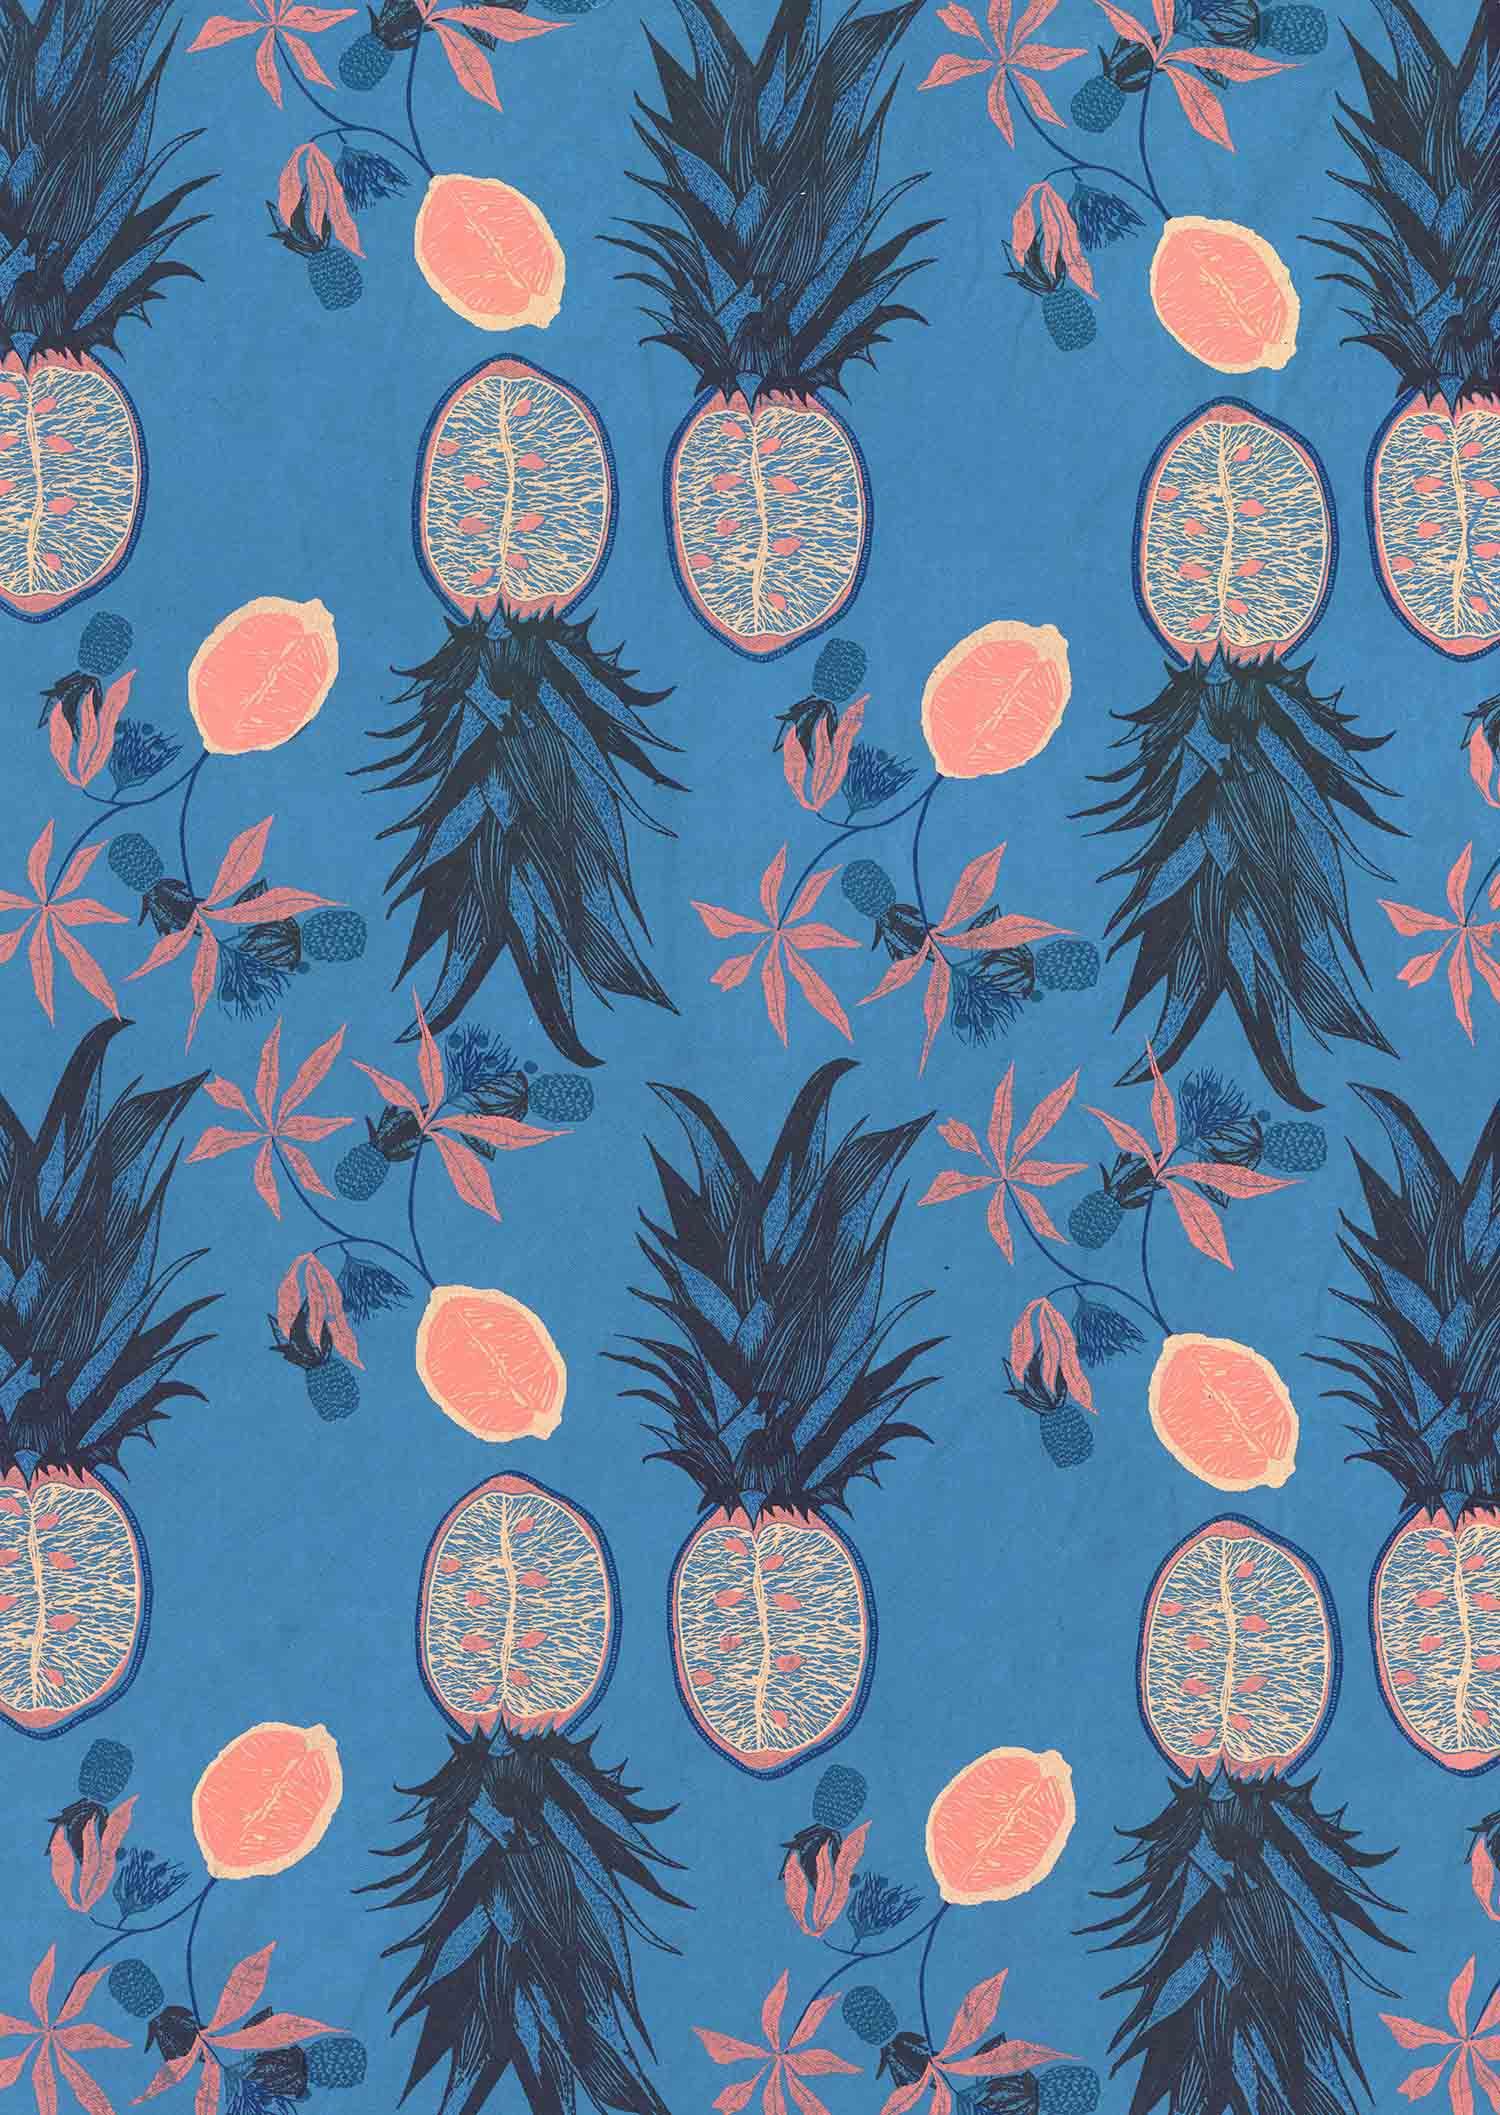 Pineapple Print.jpg